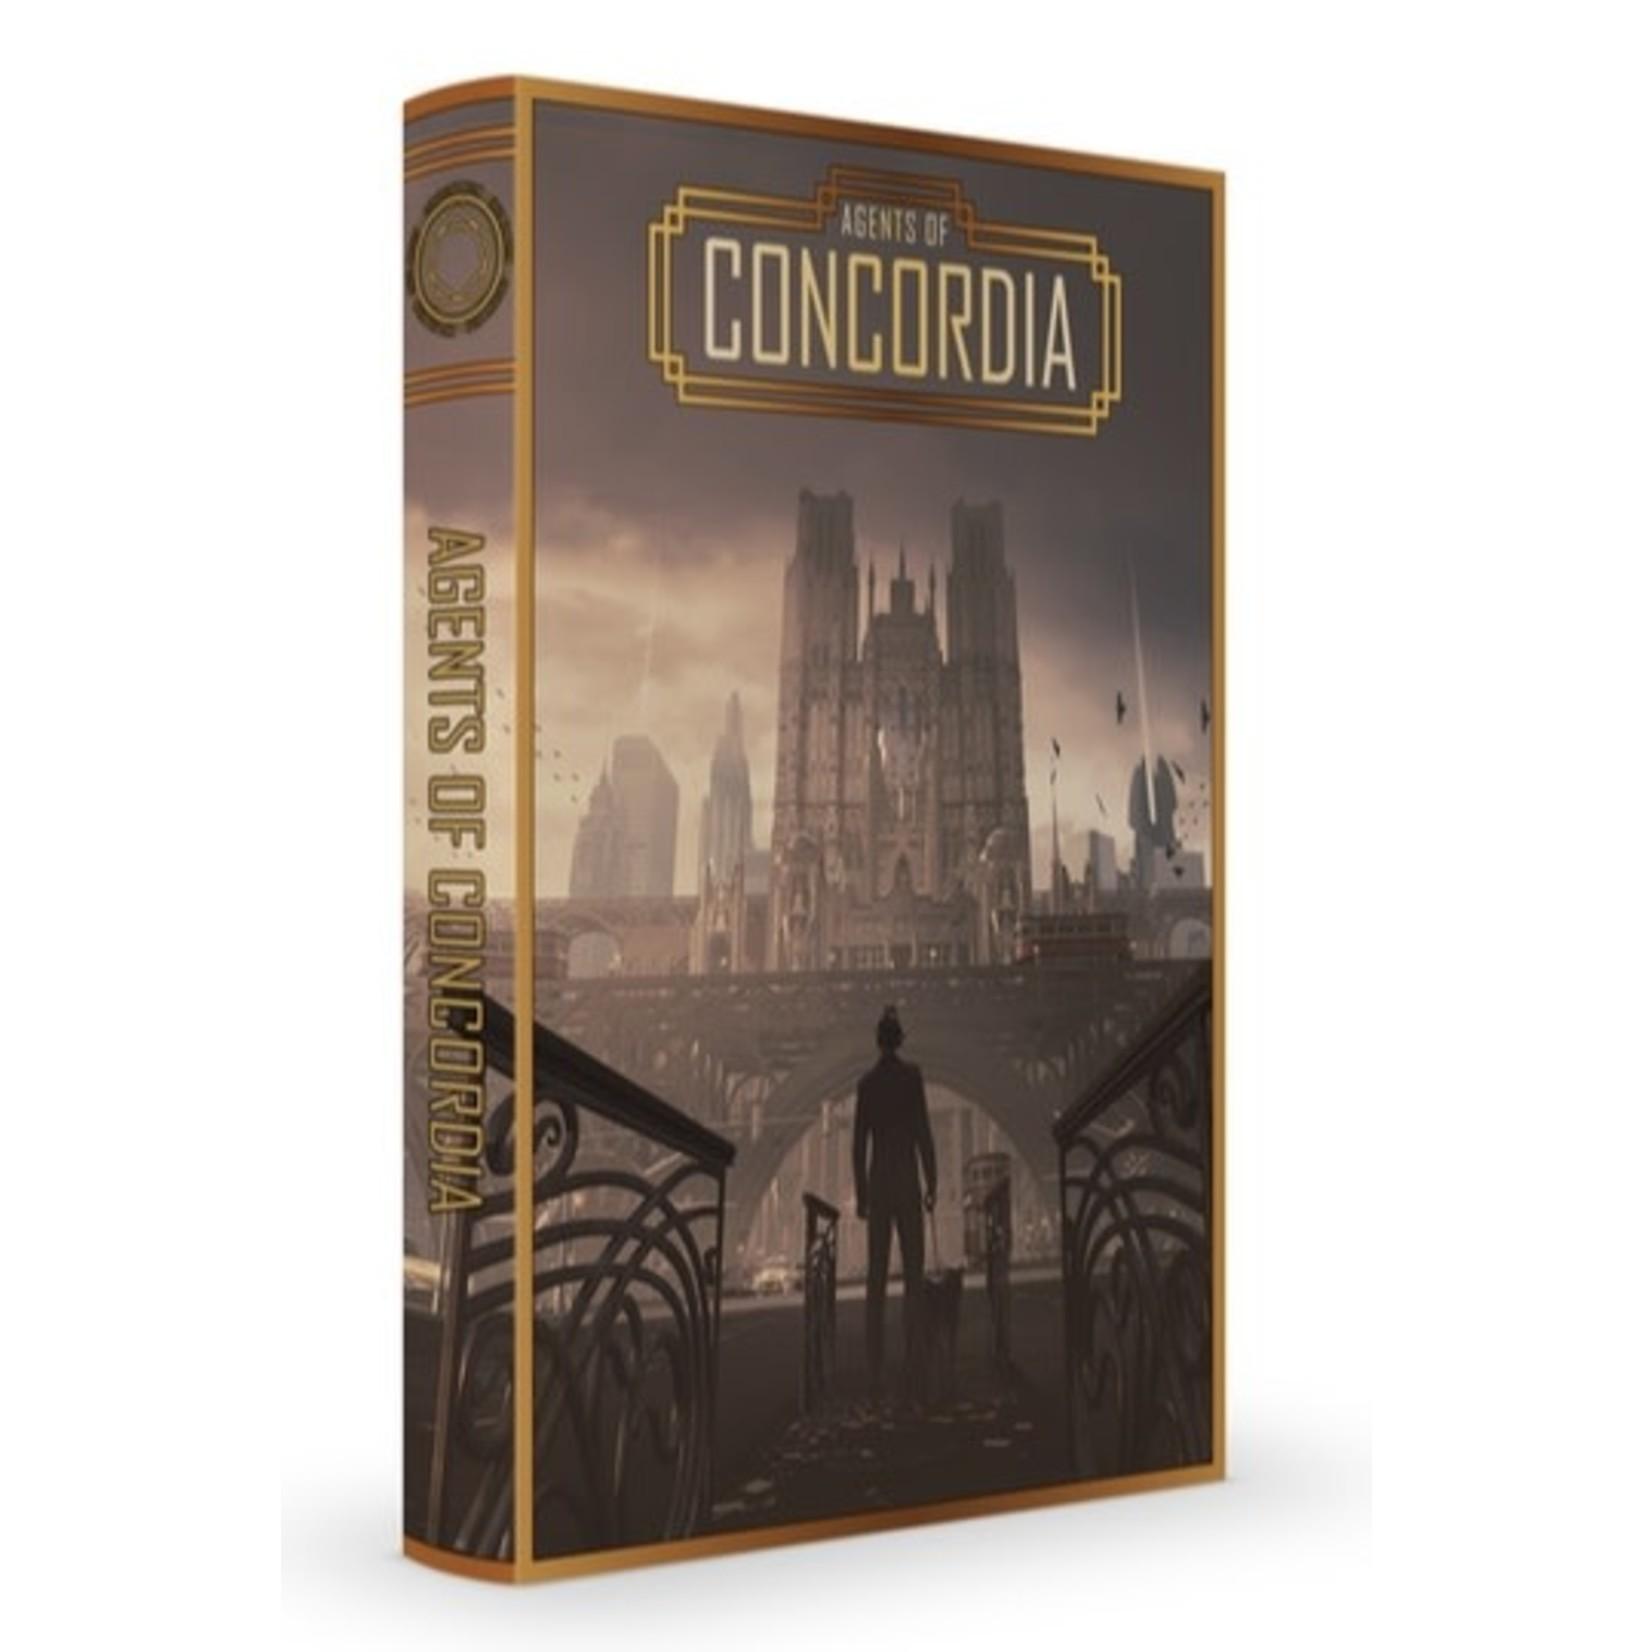 Modiphius Agents of Concordia